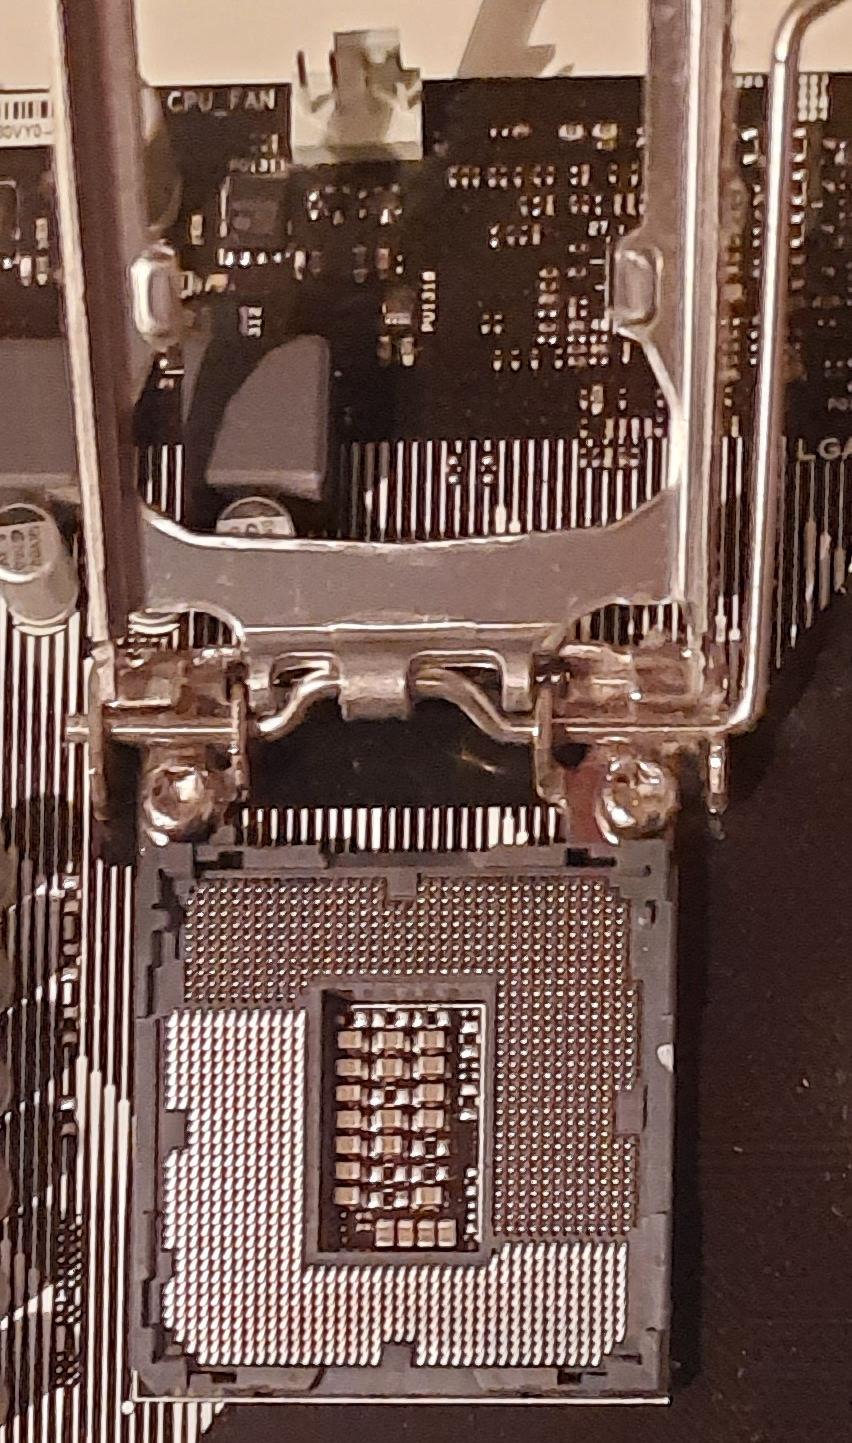 Steckplatz Prozessor